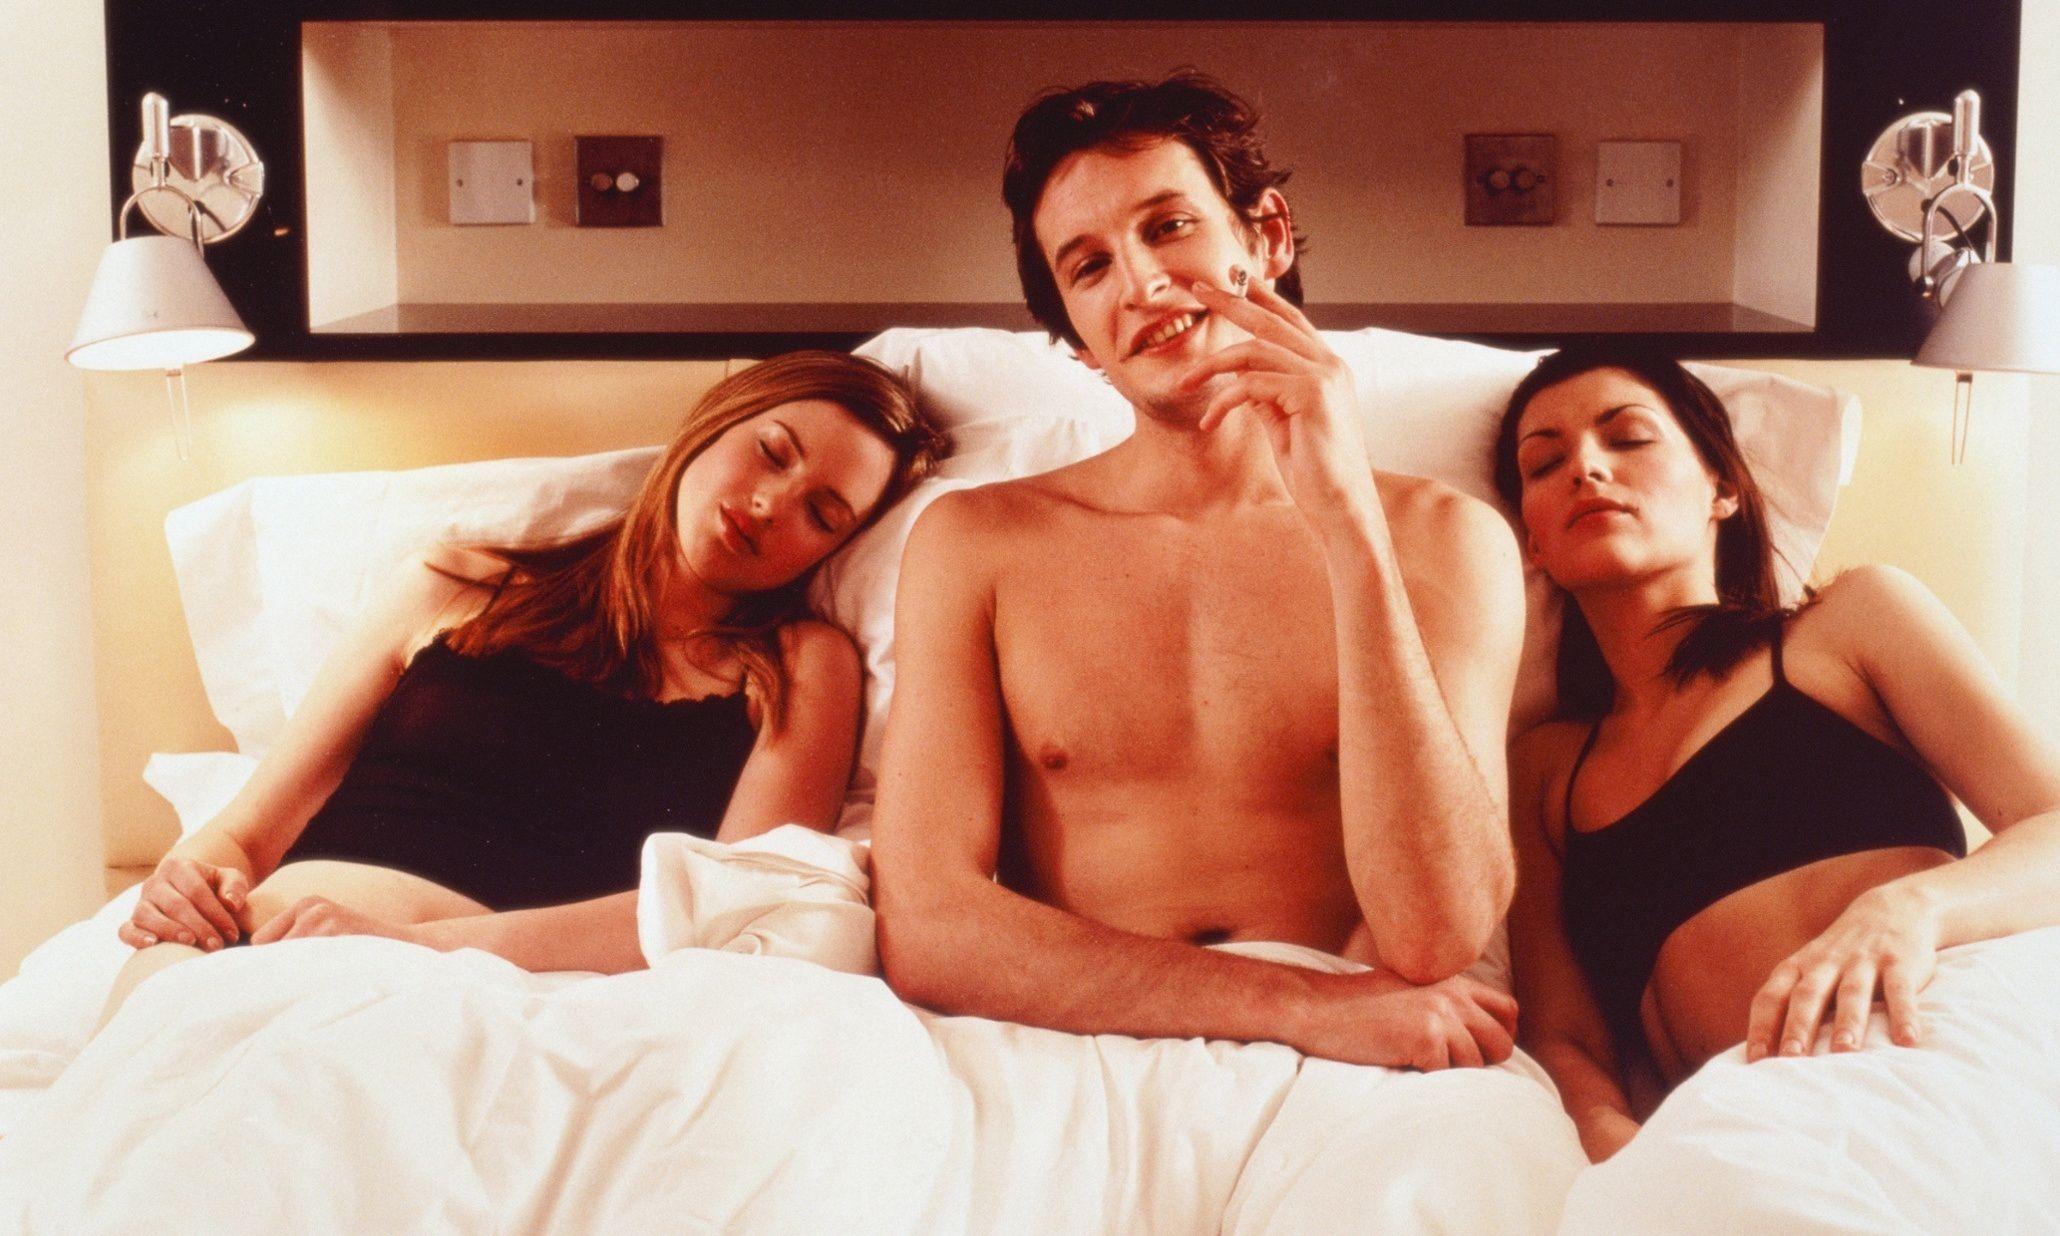 Pin on Threesome